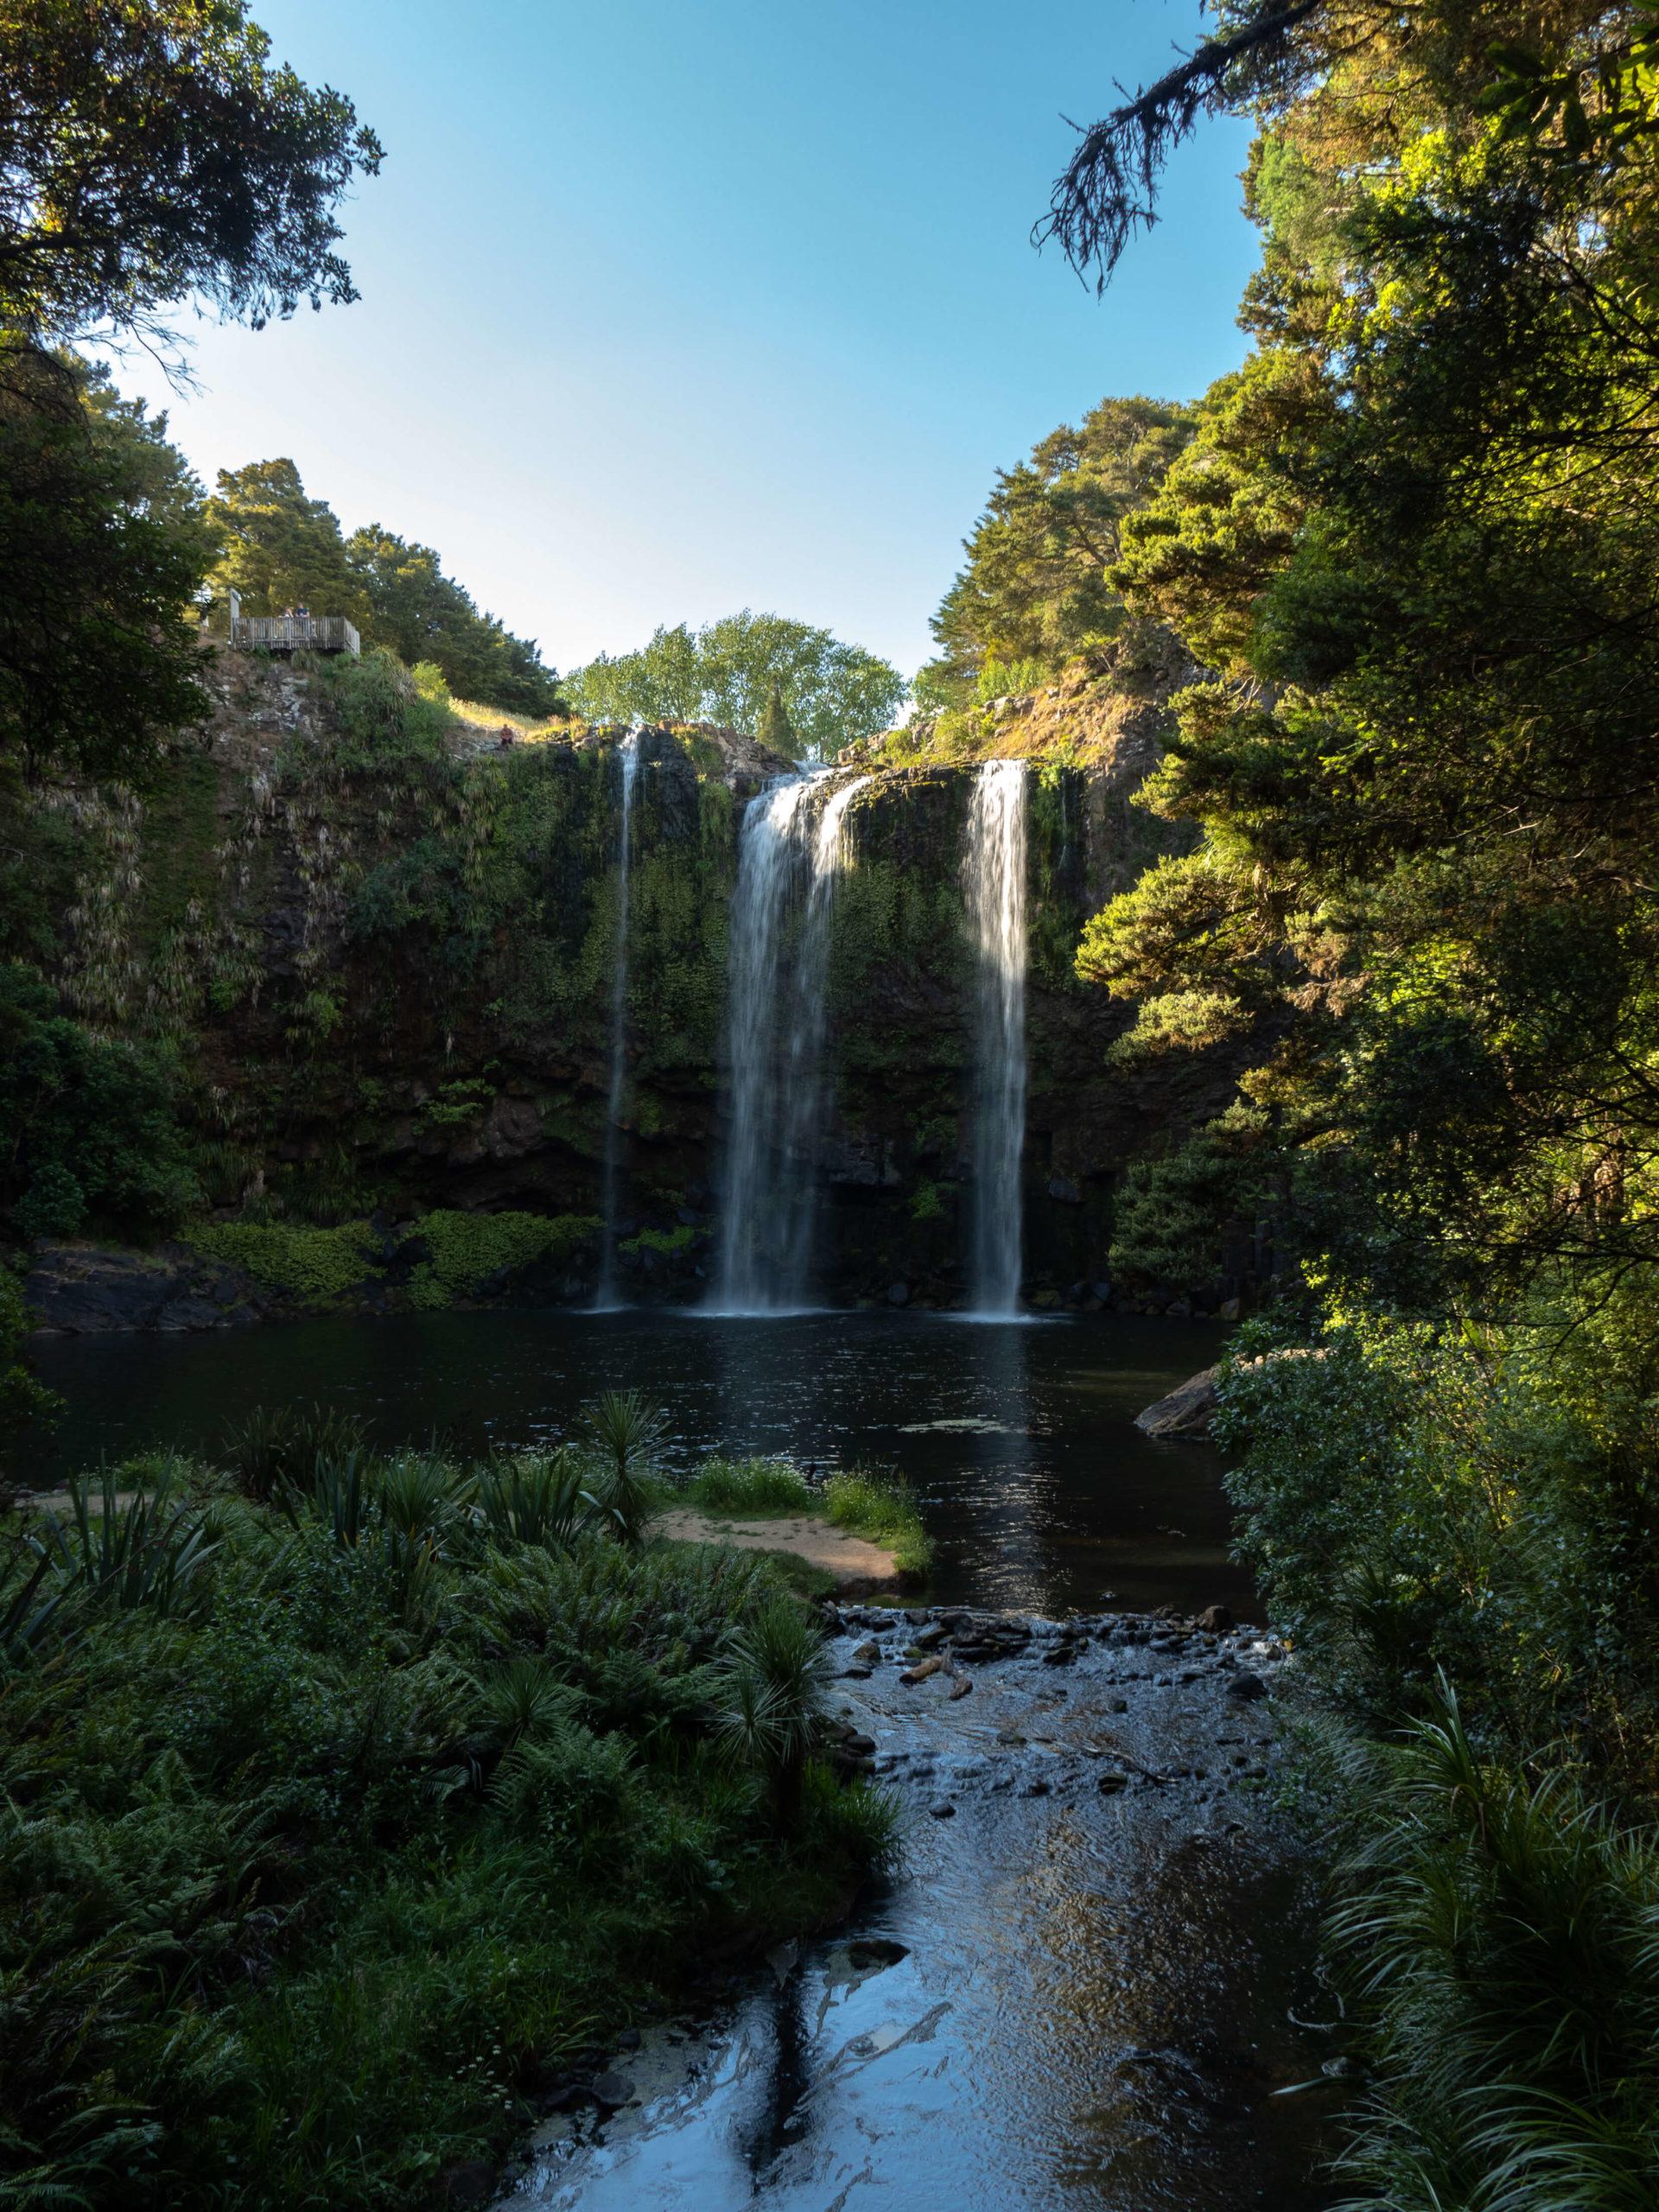 Whangarei Water Falls